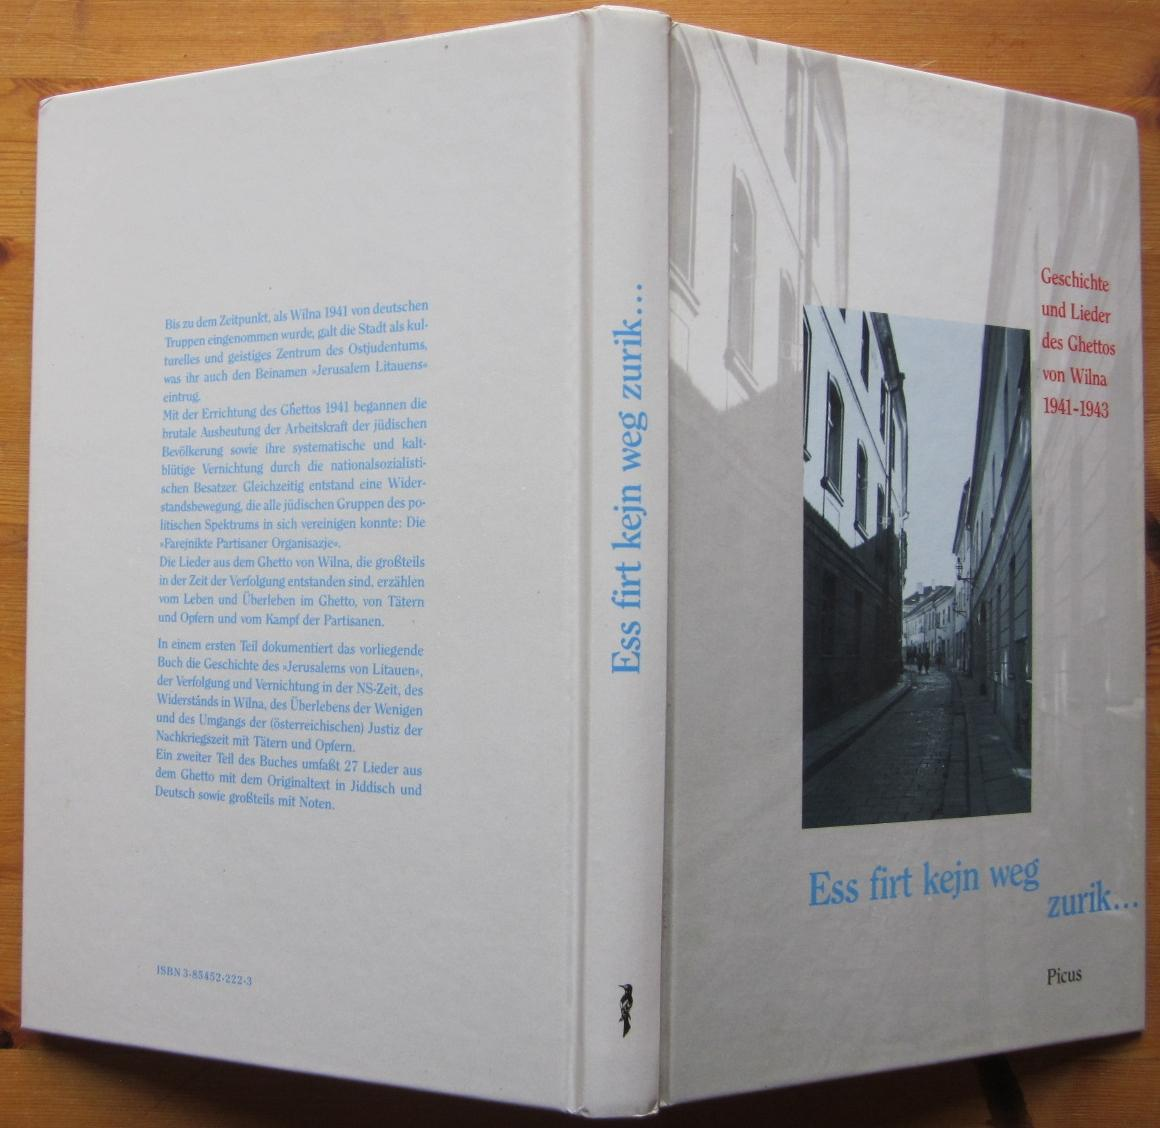 Ess firt kejn weg zurik. Geschichten und Lieder des Ghettos von Wilna 1941-1943.